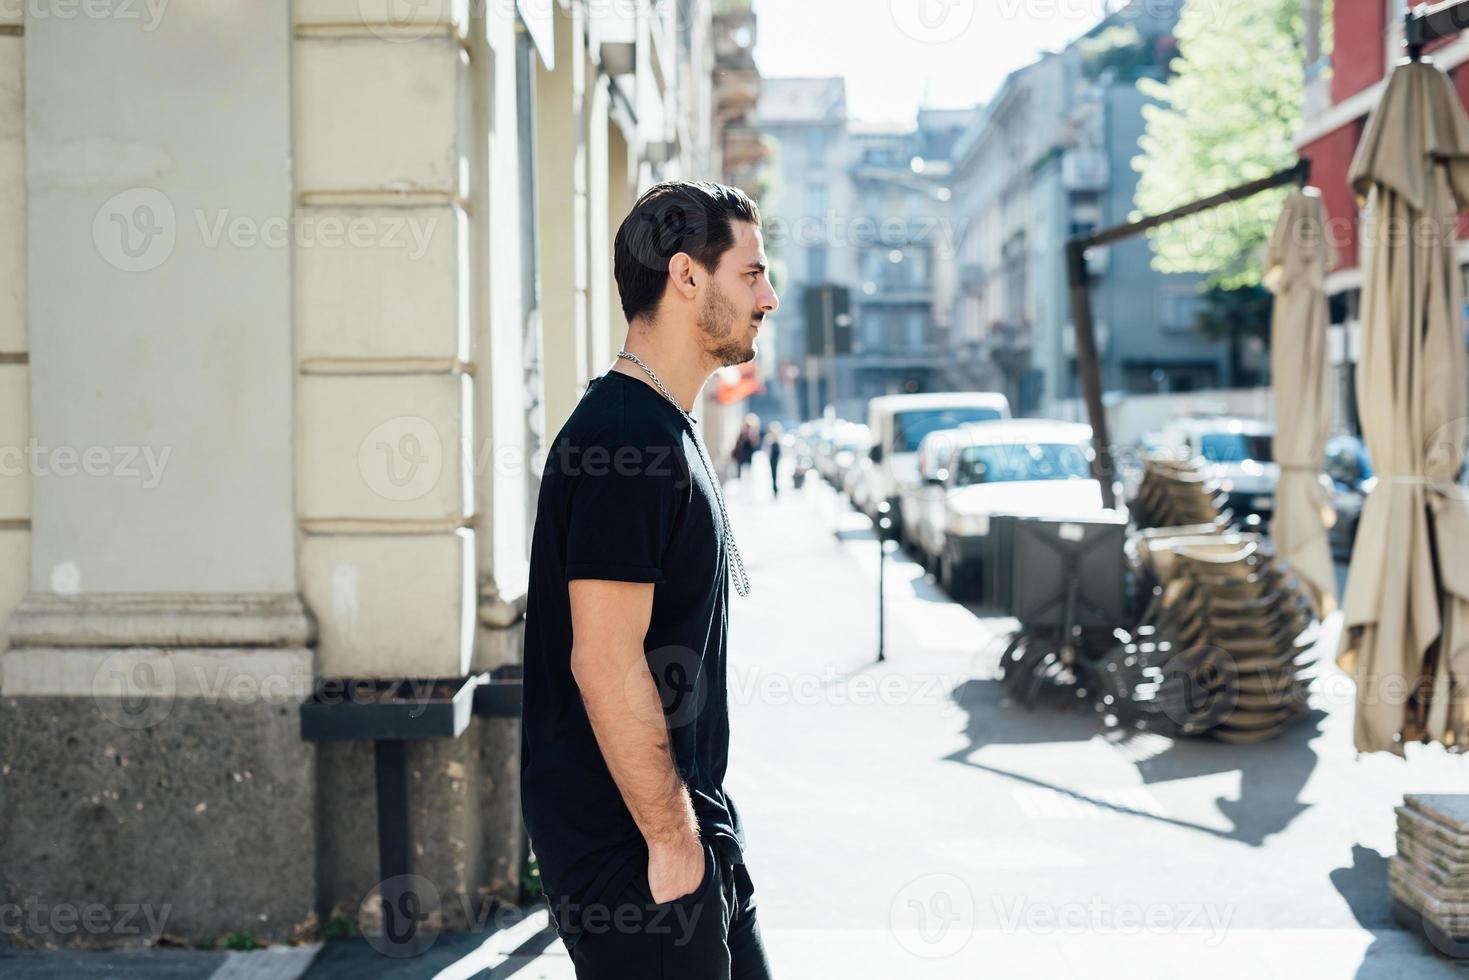 jonge Italiaanse jongen wandelen in de stad foto